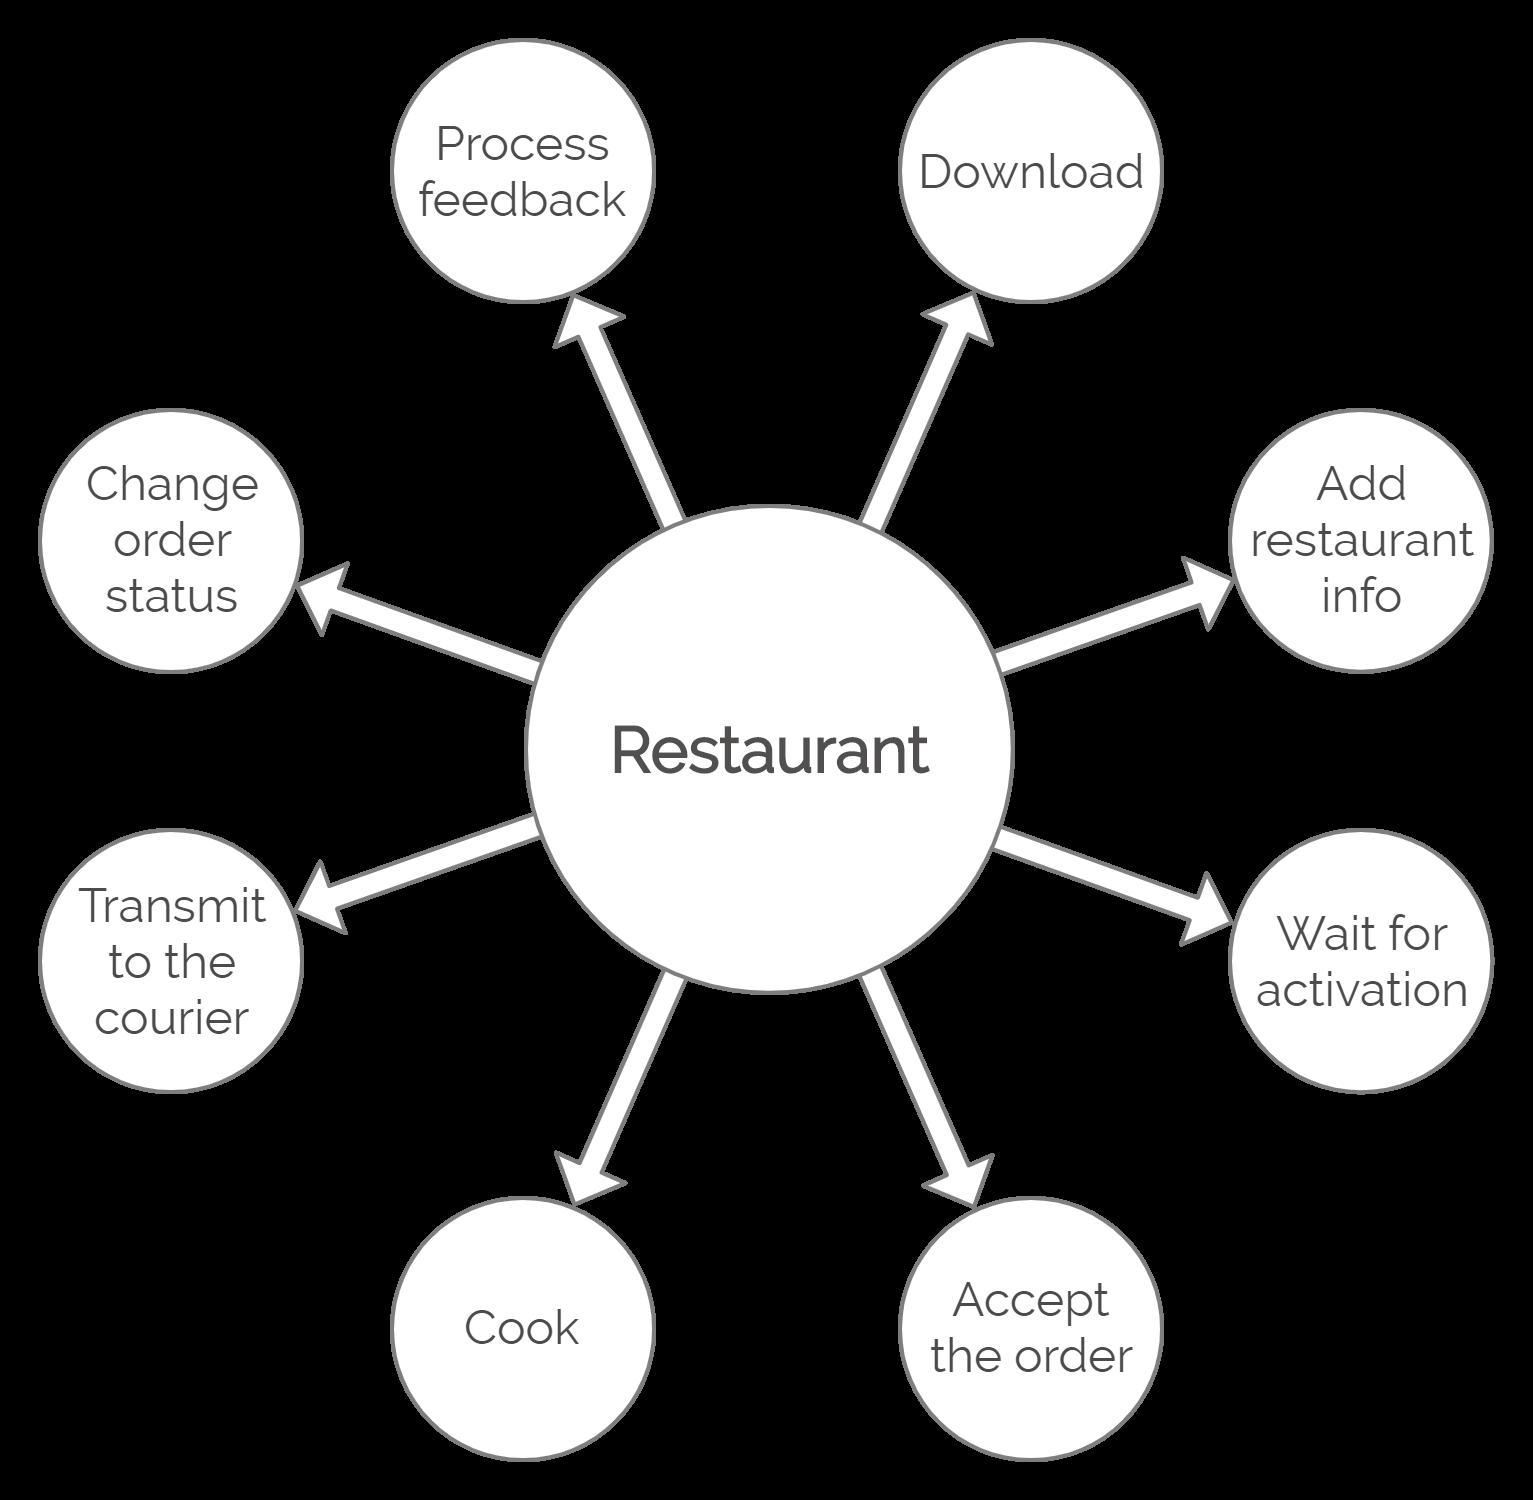 Restaurant's Actions